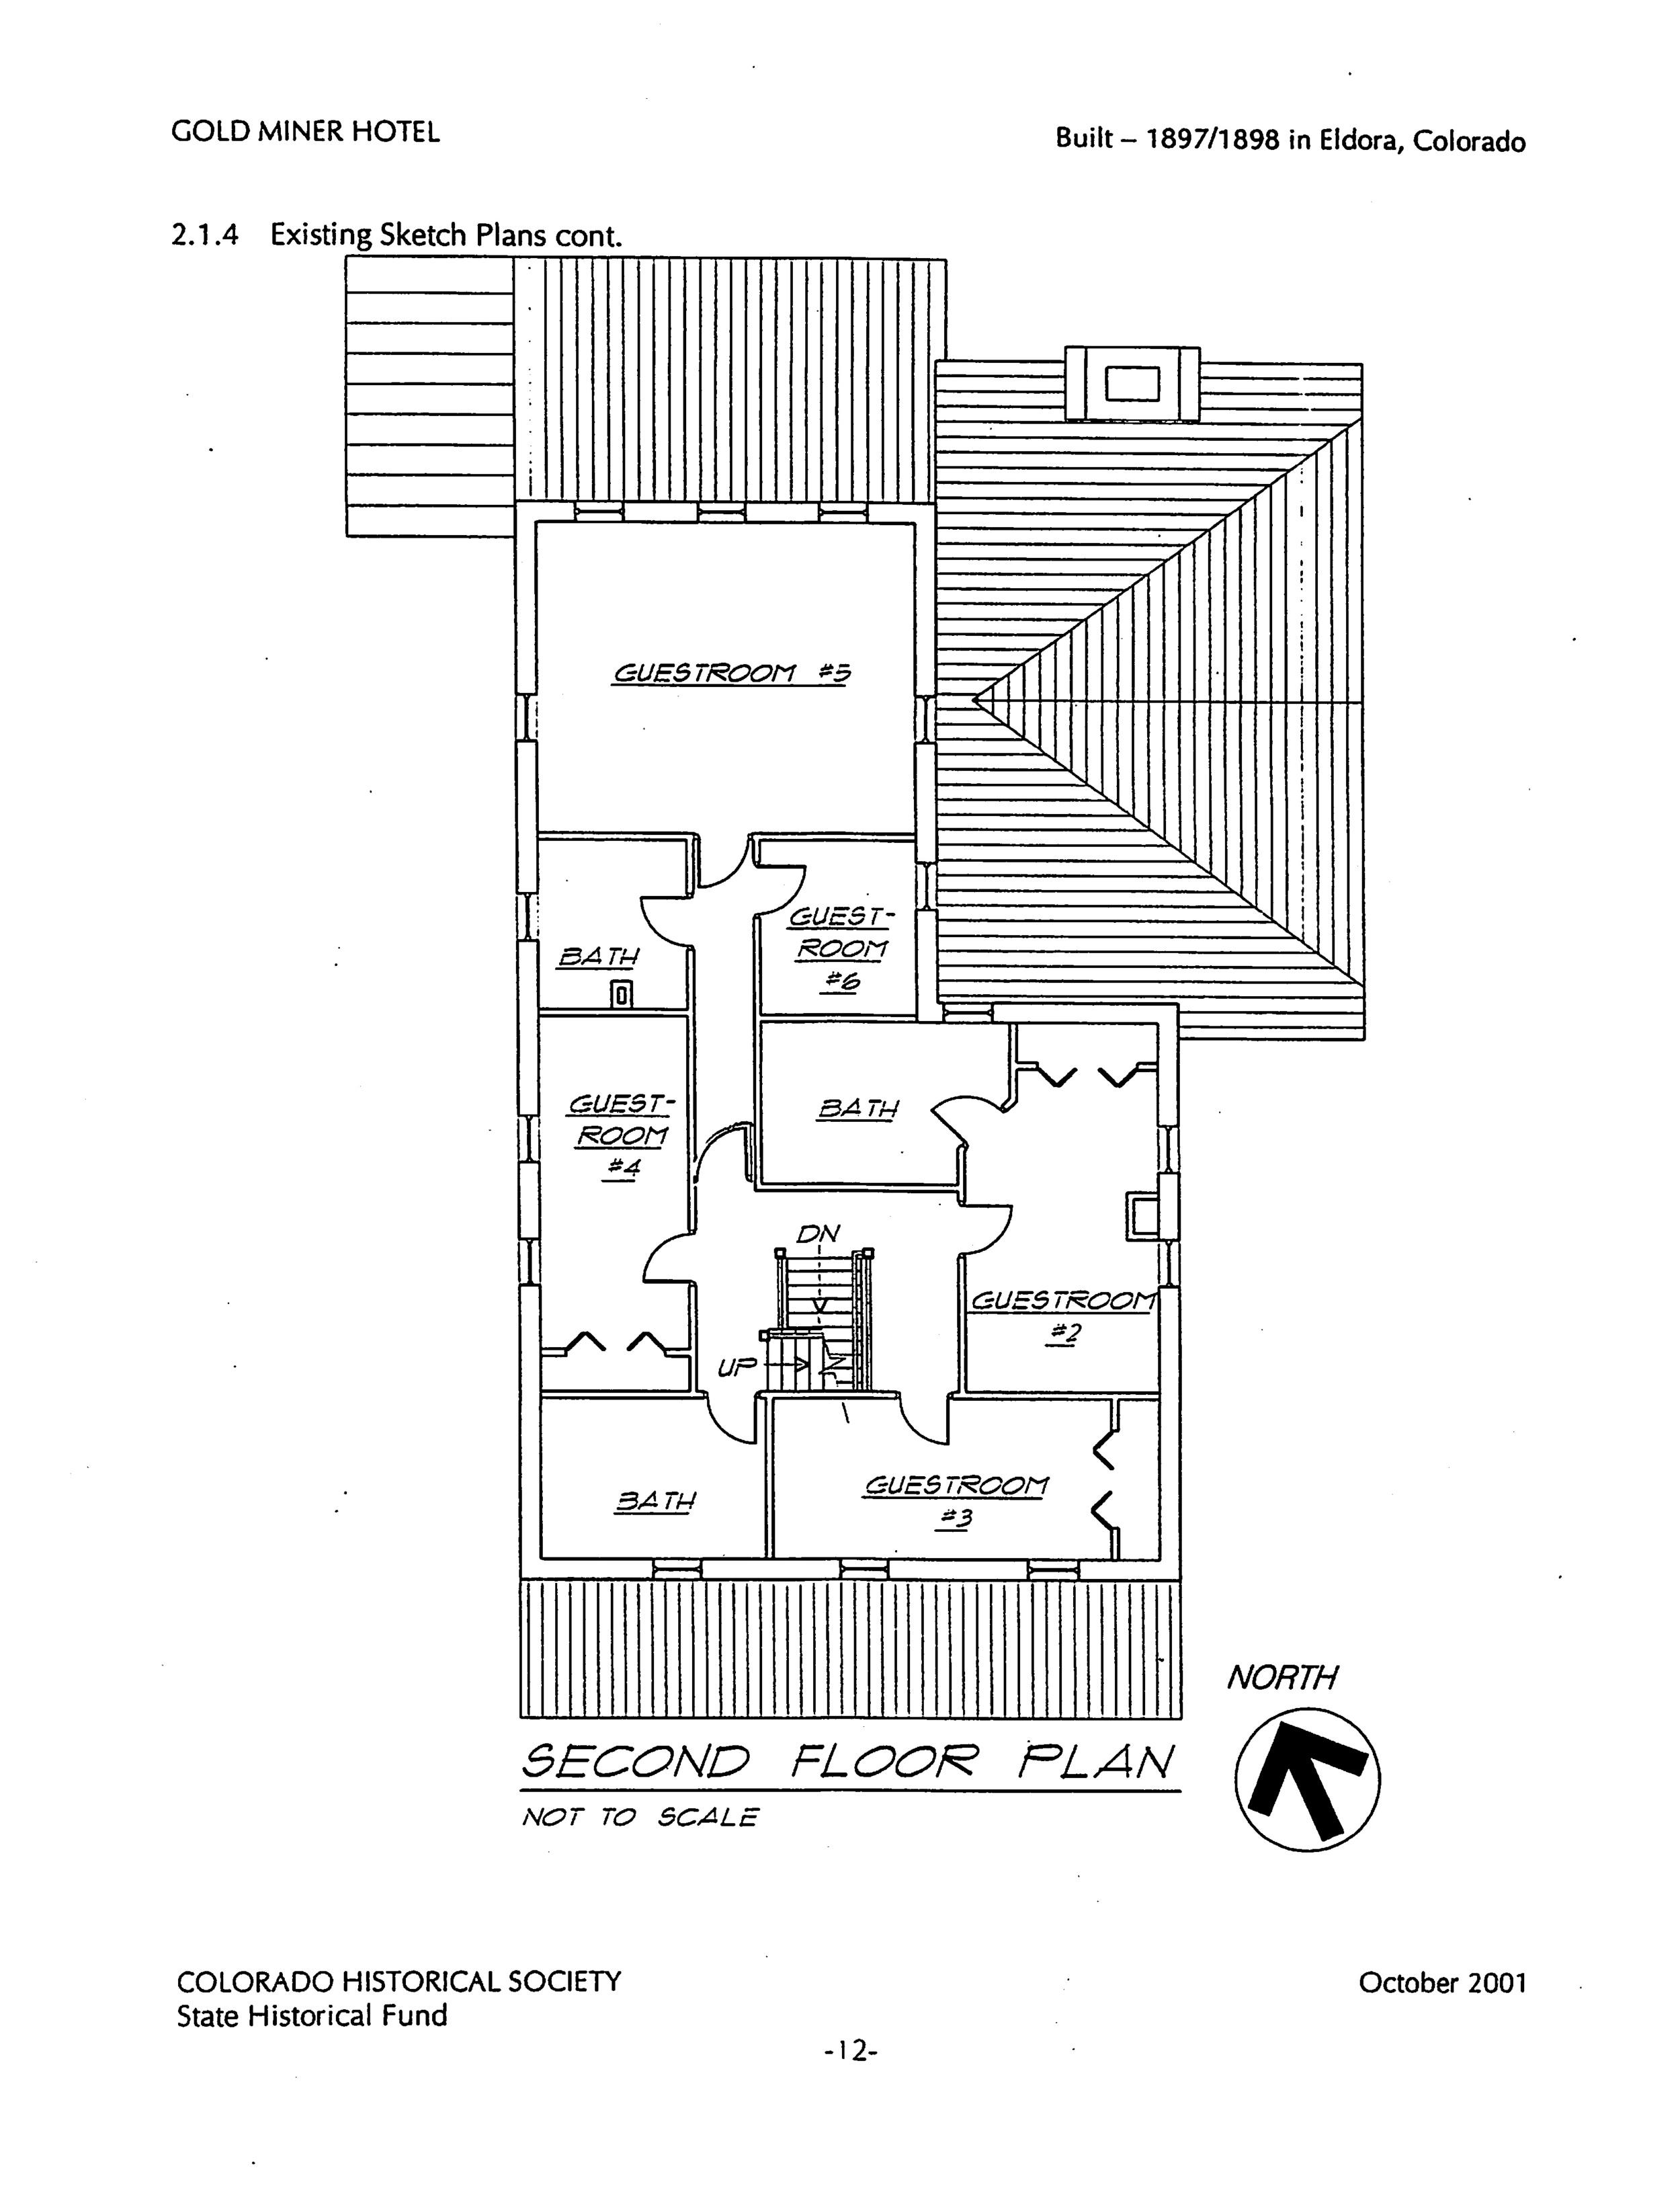 floor plan second ver 2.jpg